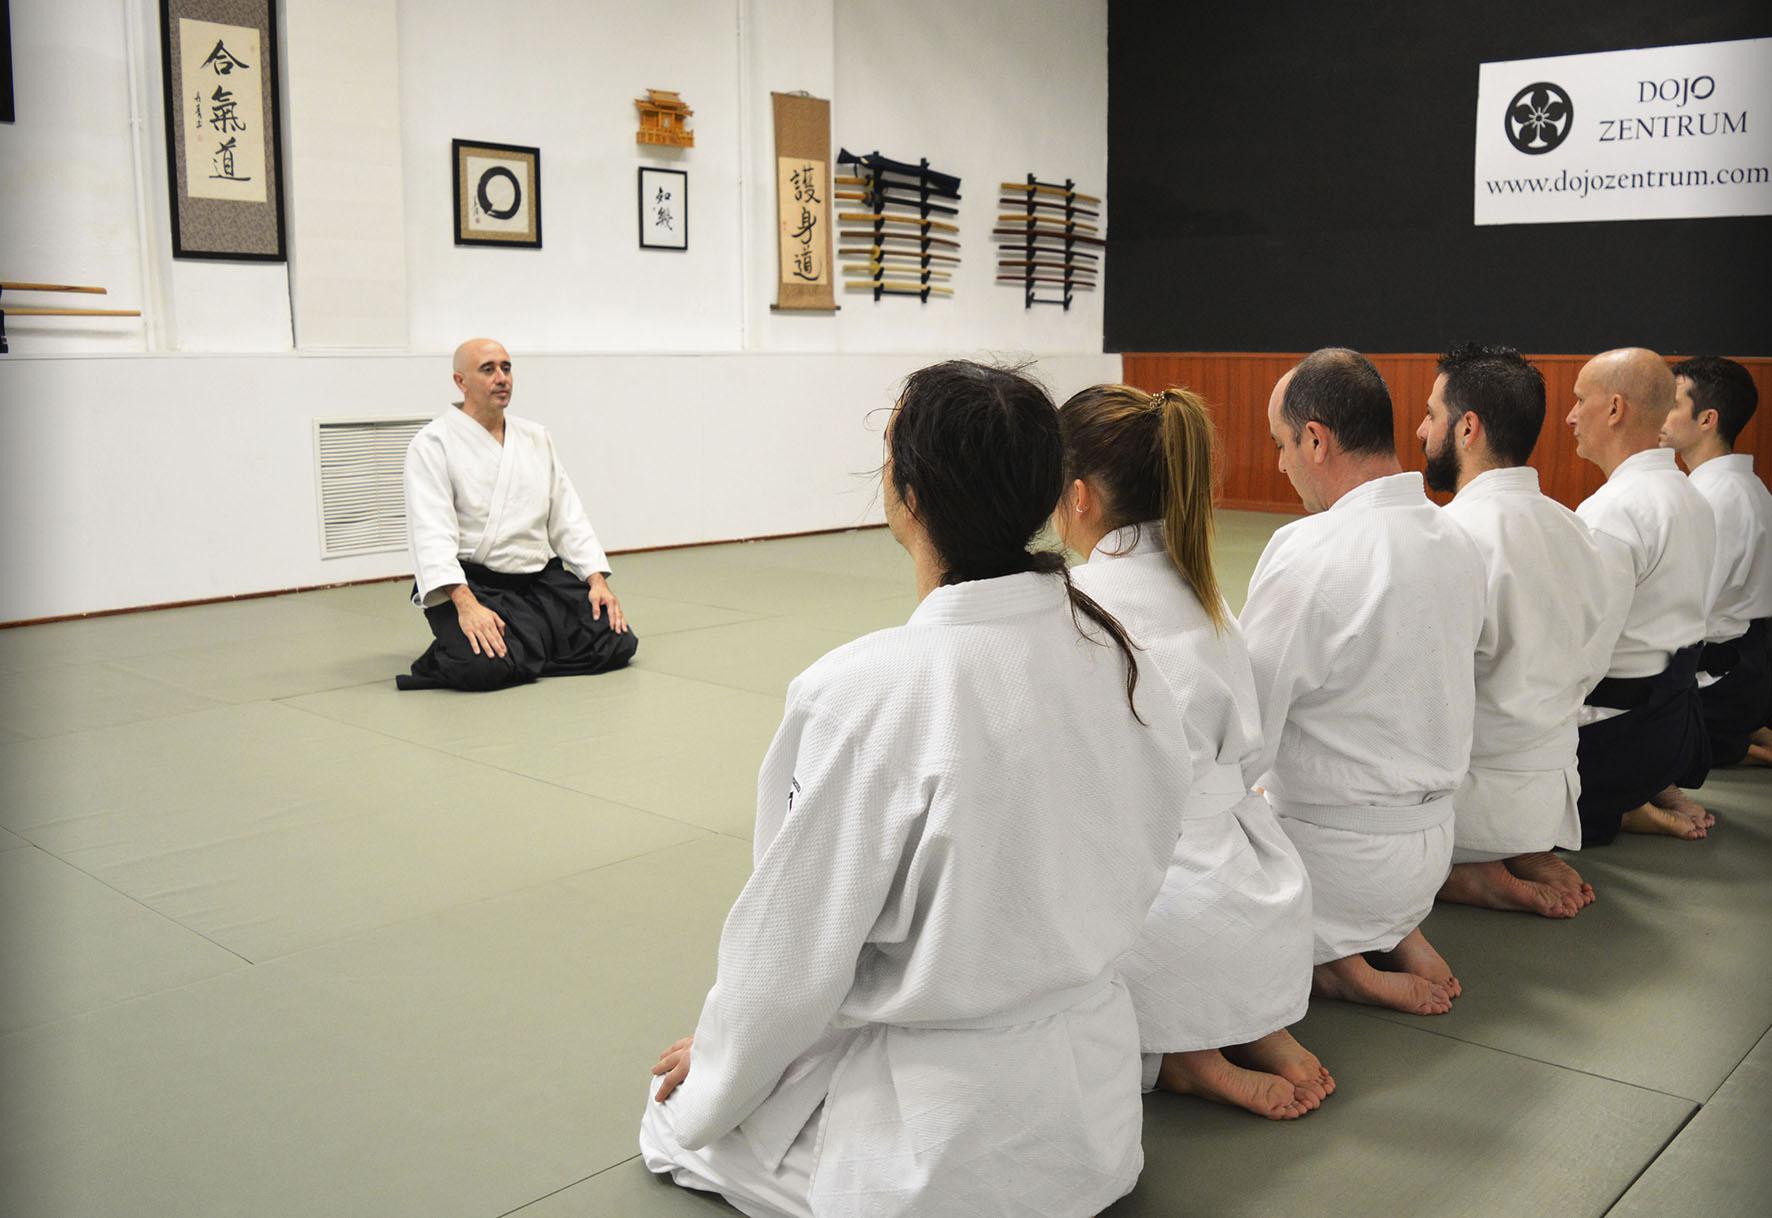 Grupo de Aikido en clase